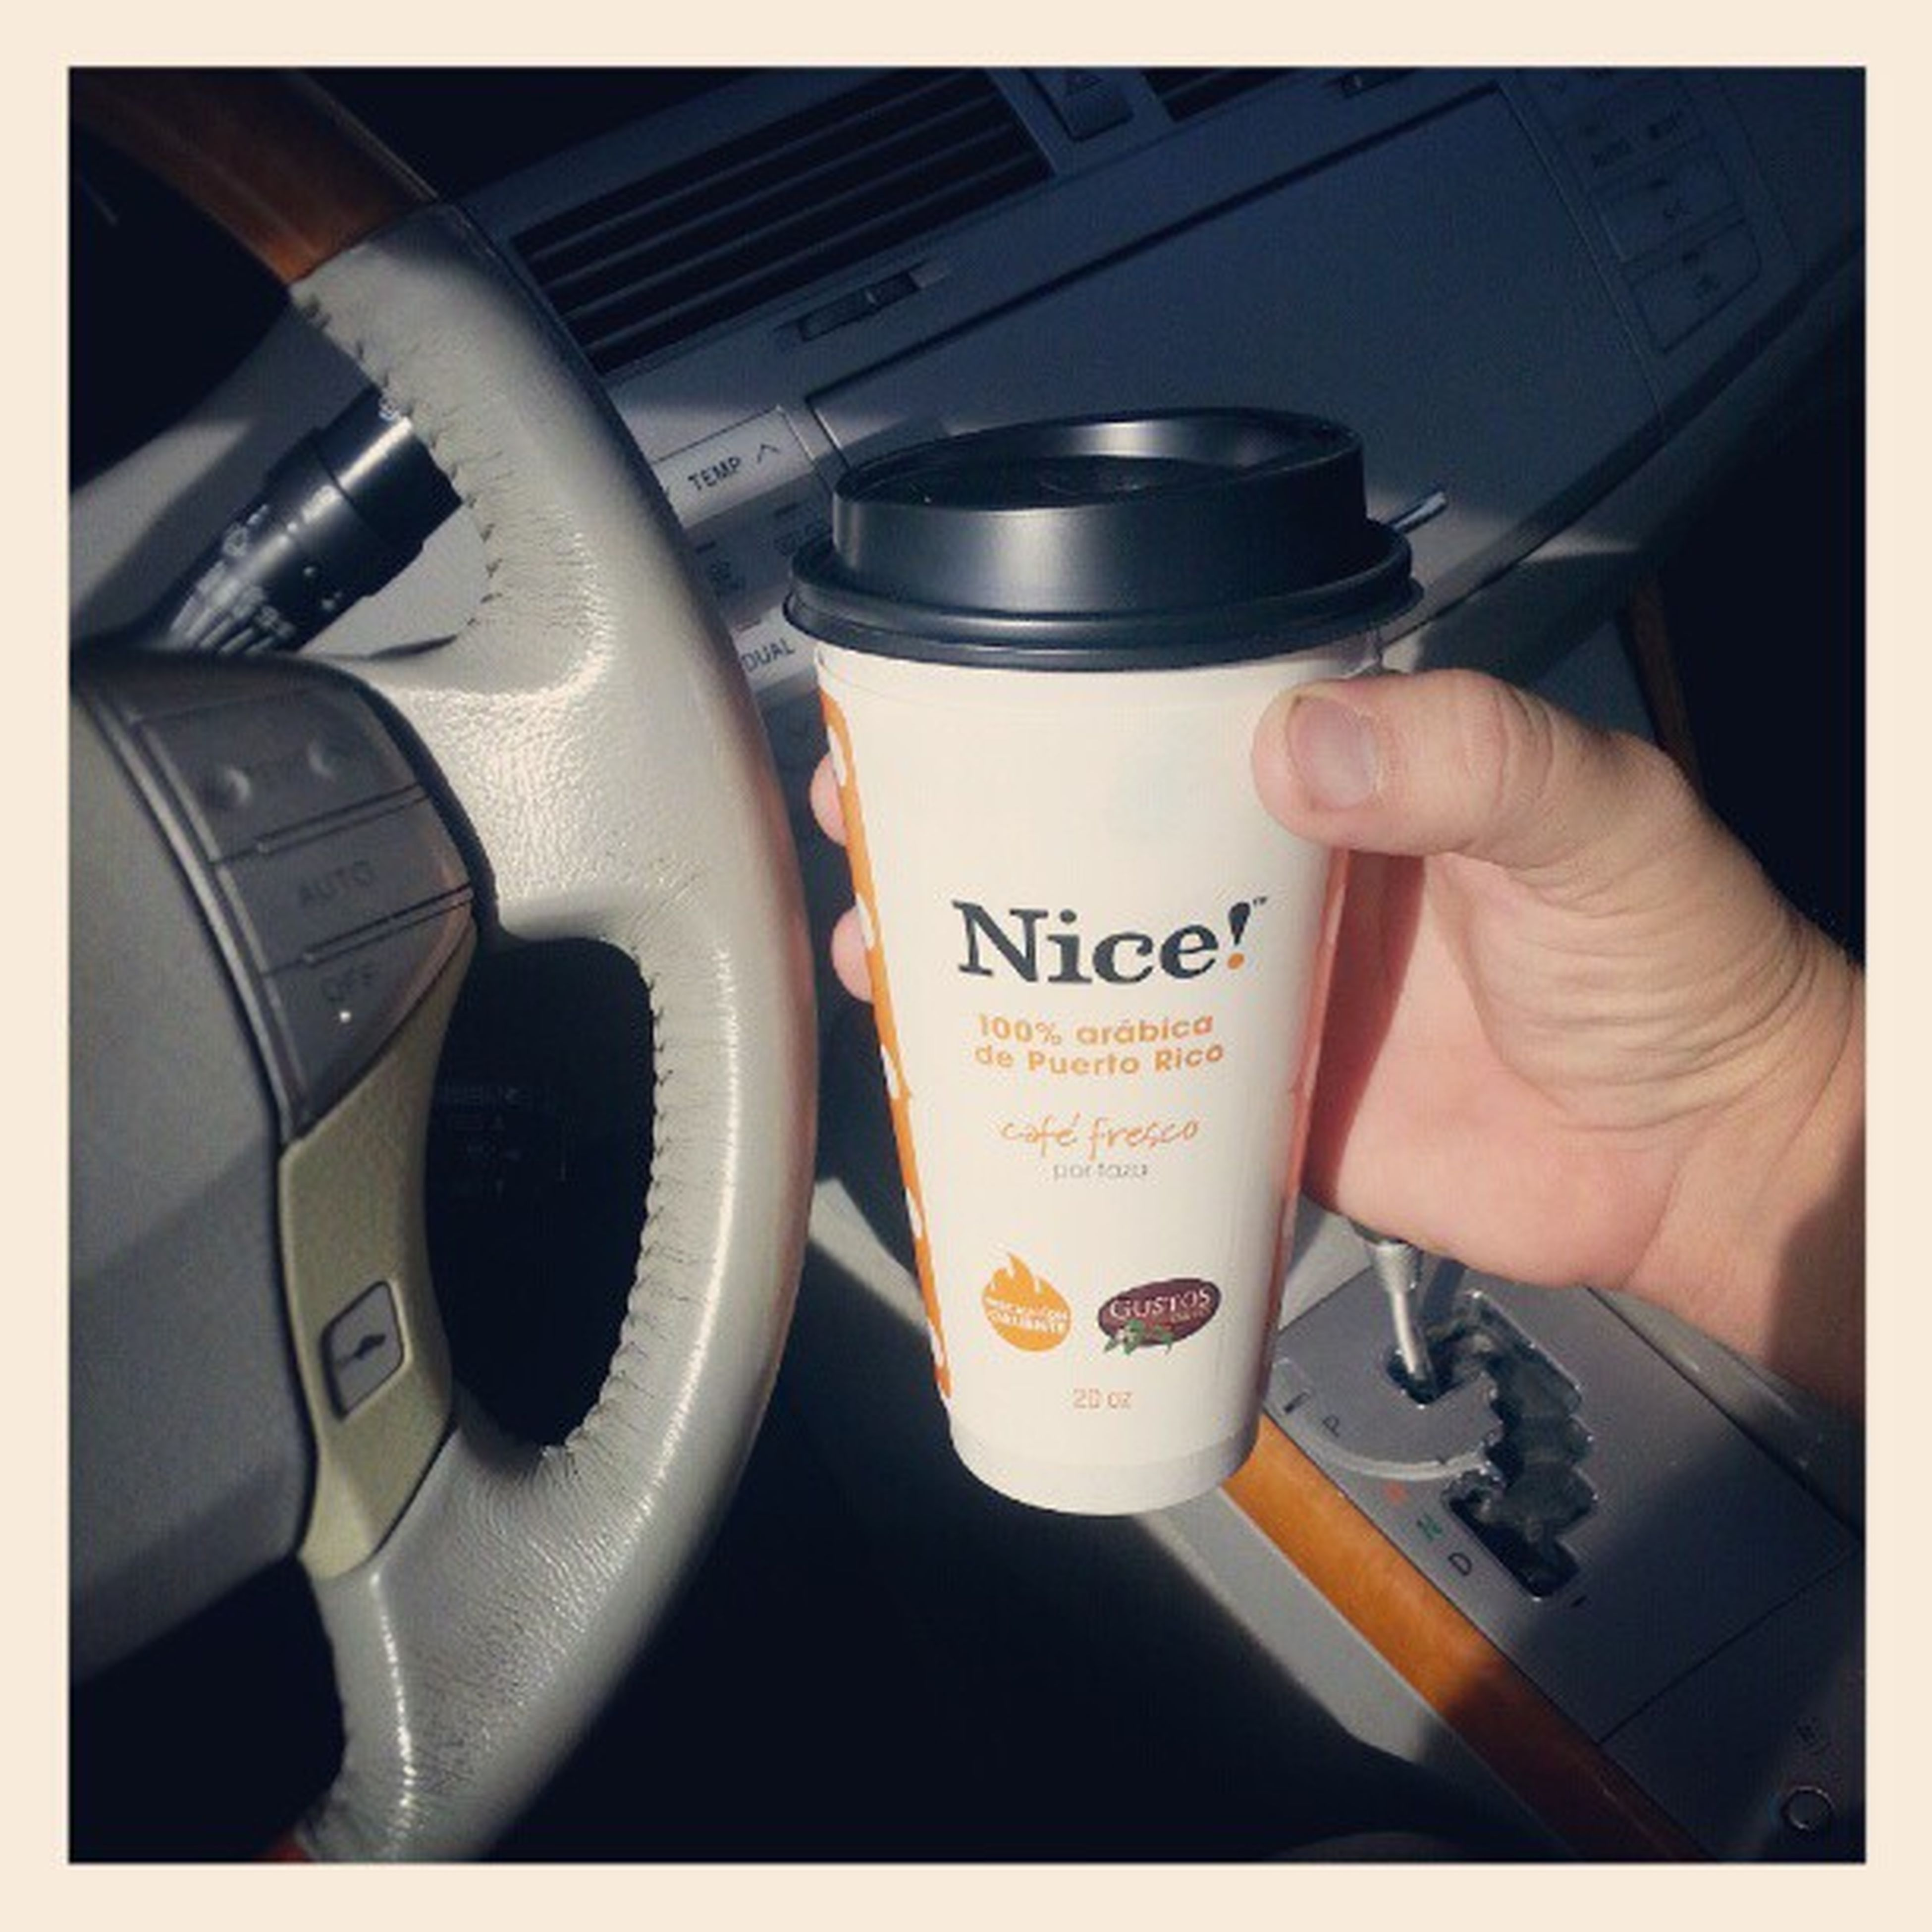 Café en mano, que nos vamos pa' la calle a laborar.